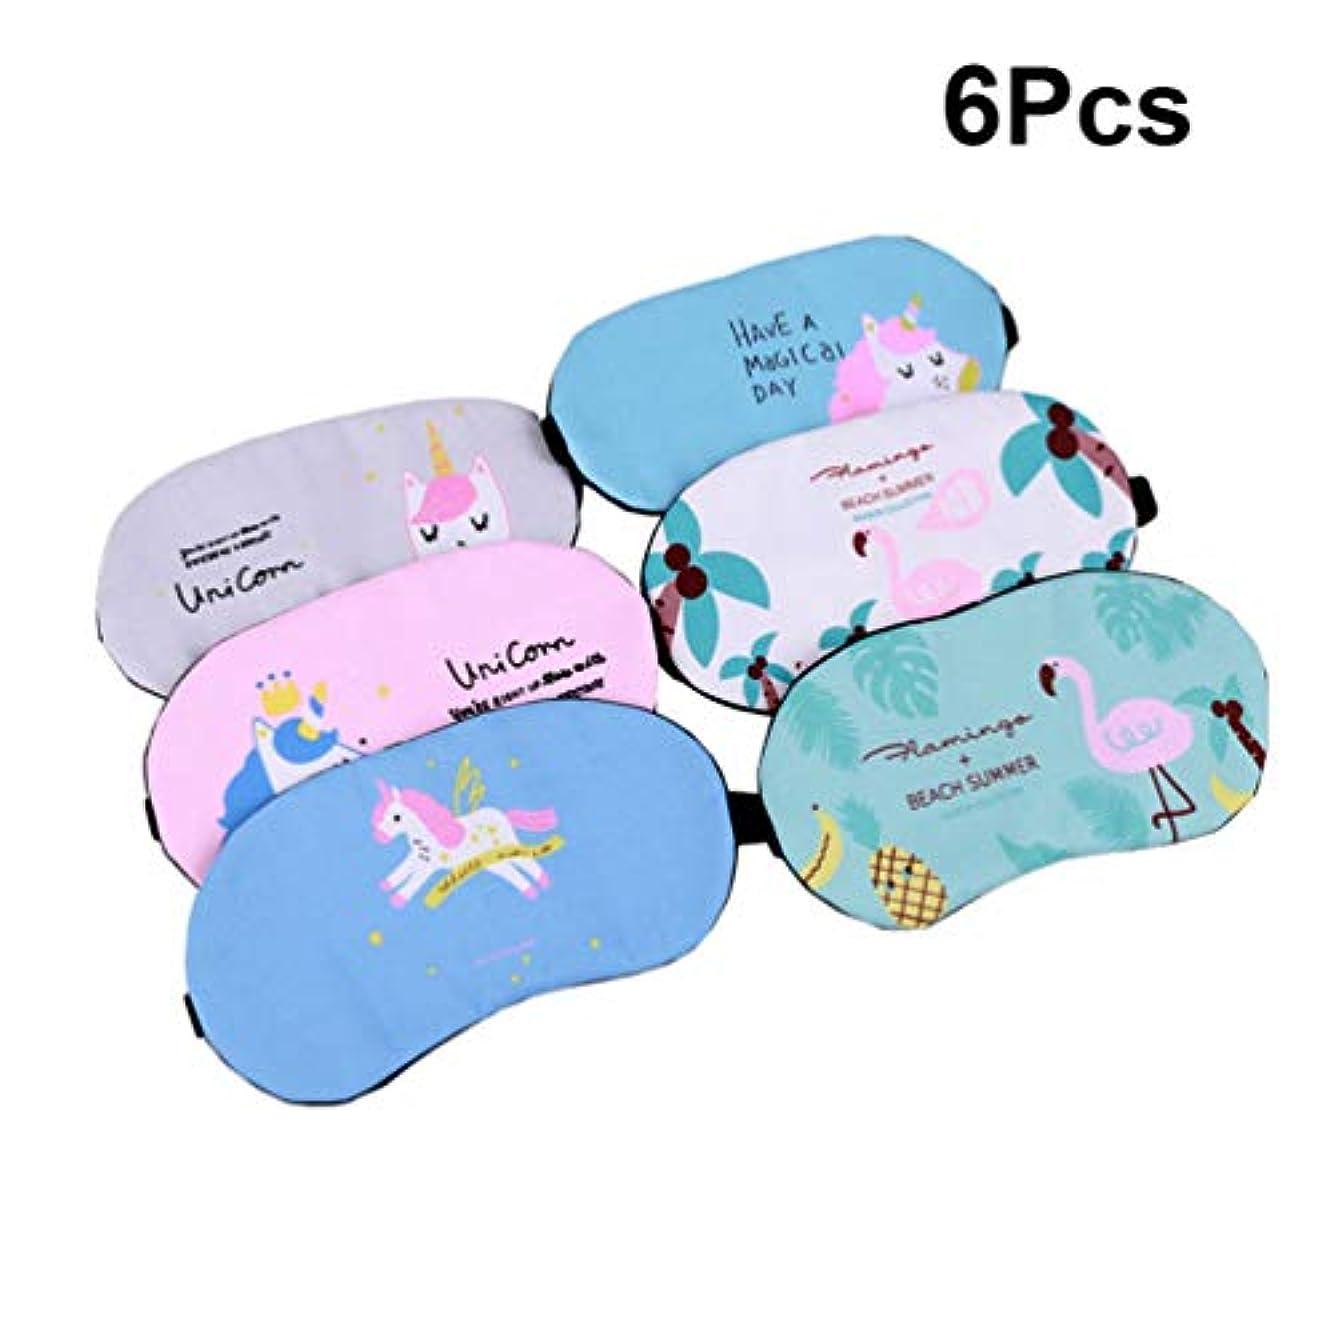 不均一マスタード時間SUPVOX 6PCSユニコーン睡眠マスク目隠し幼児睡眠マスクアイマスクユニコーンパーティの恩恵